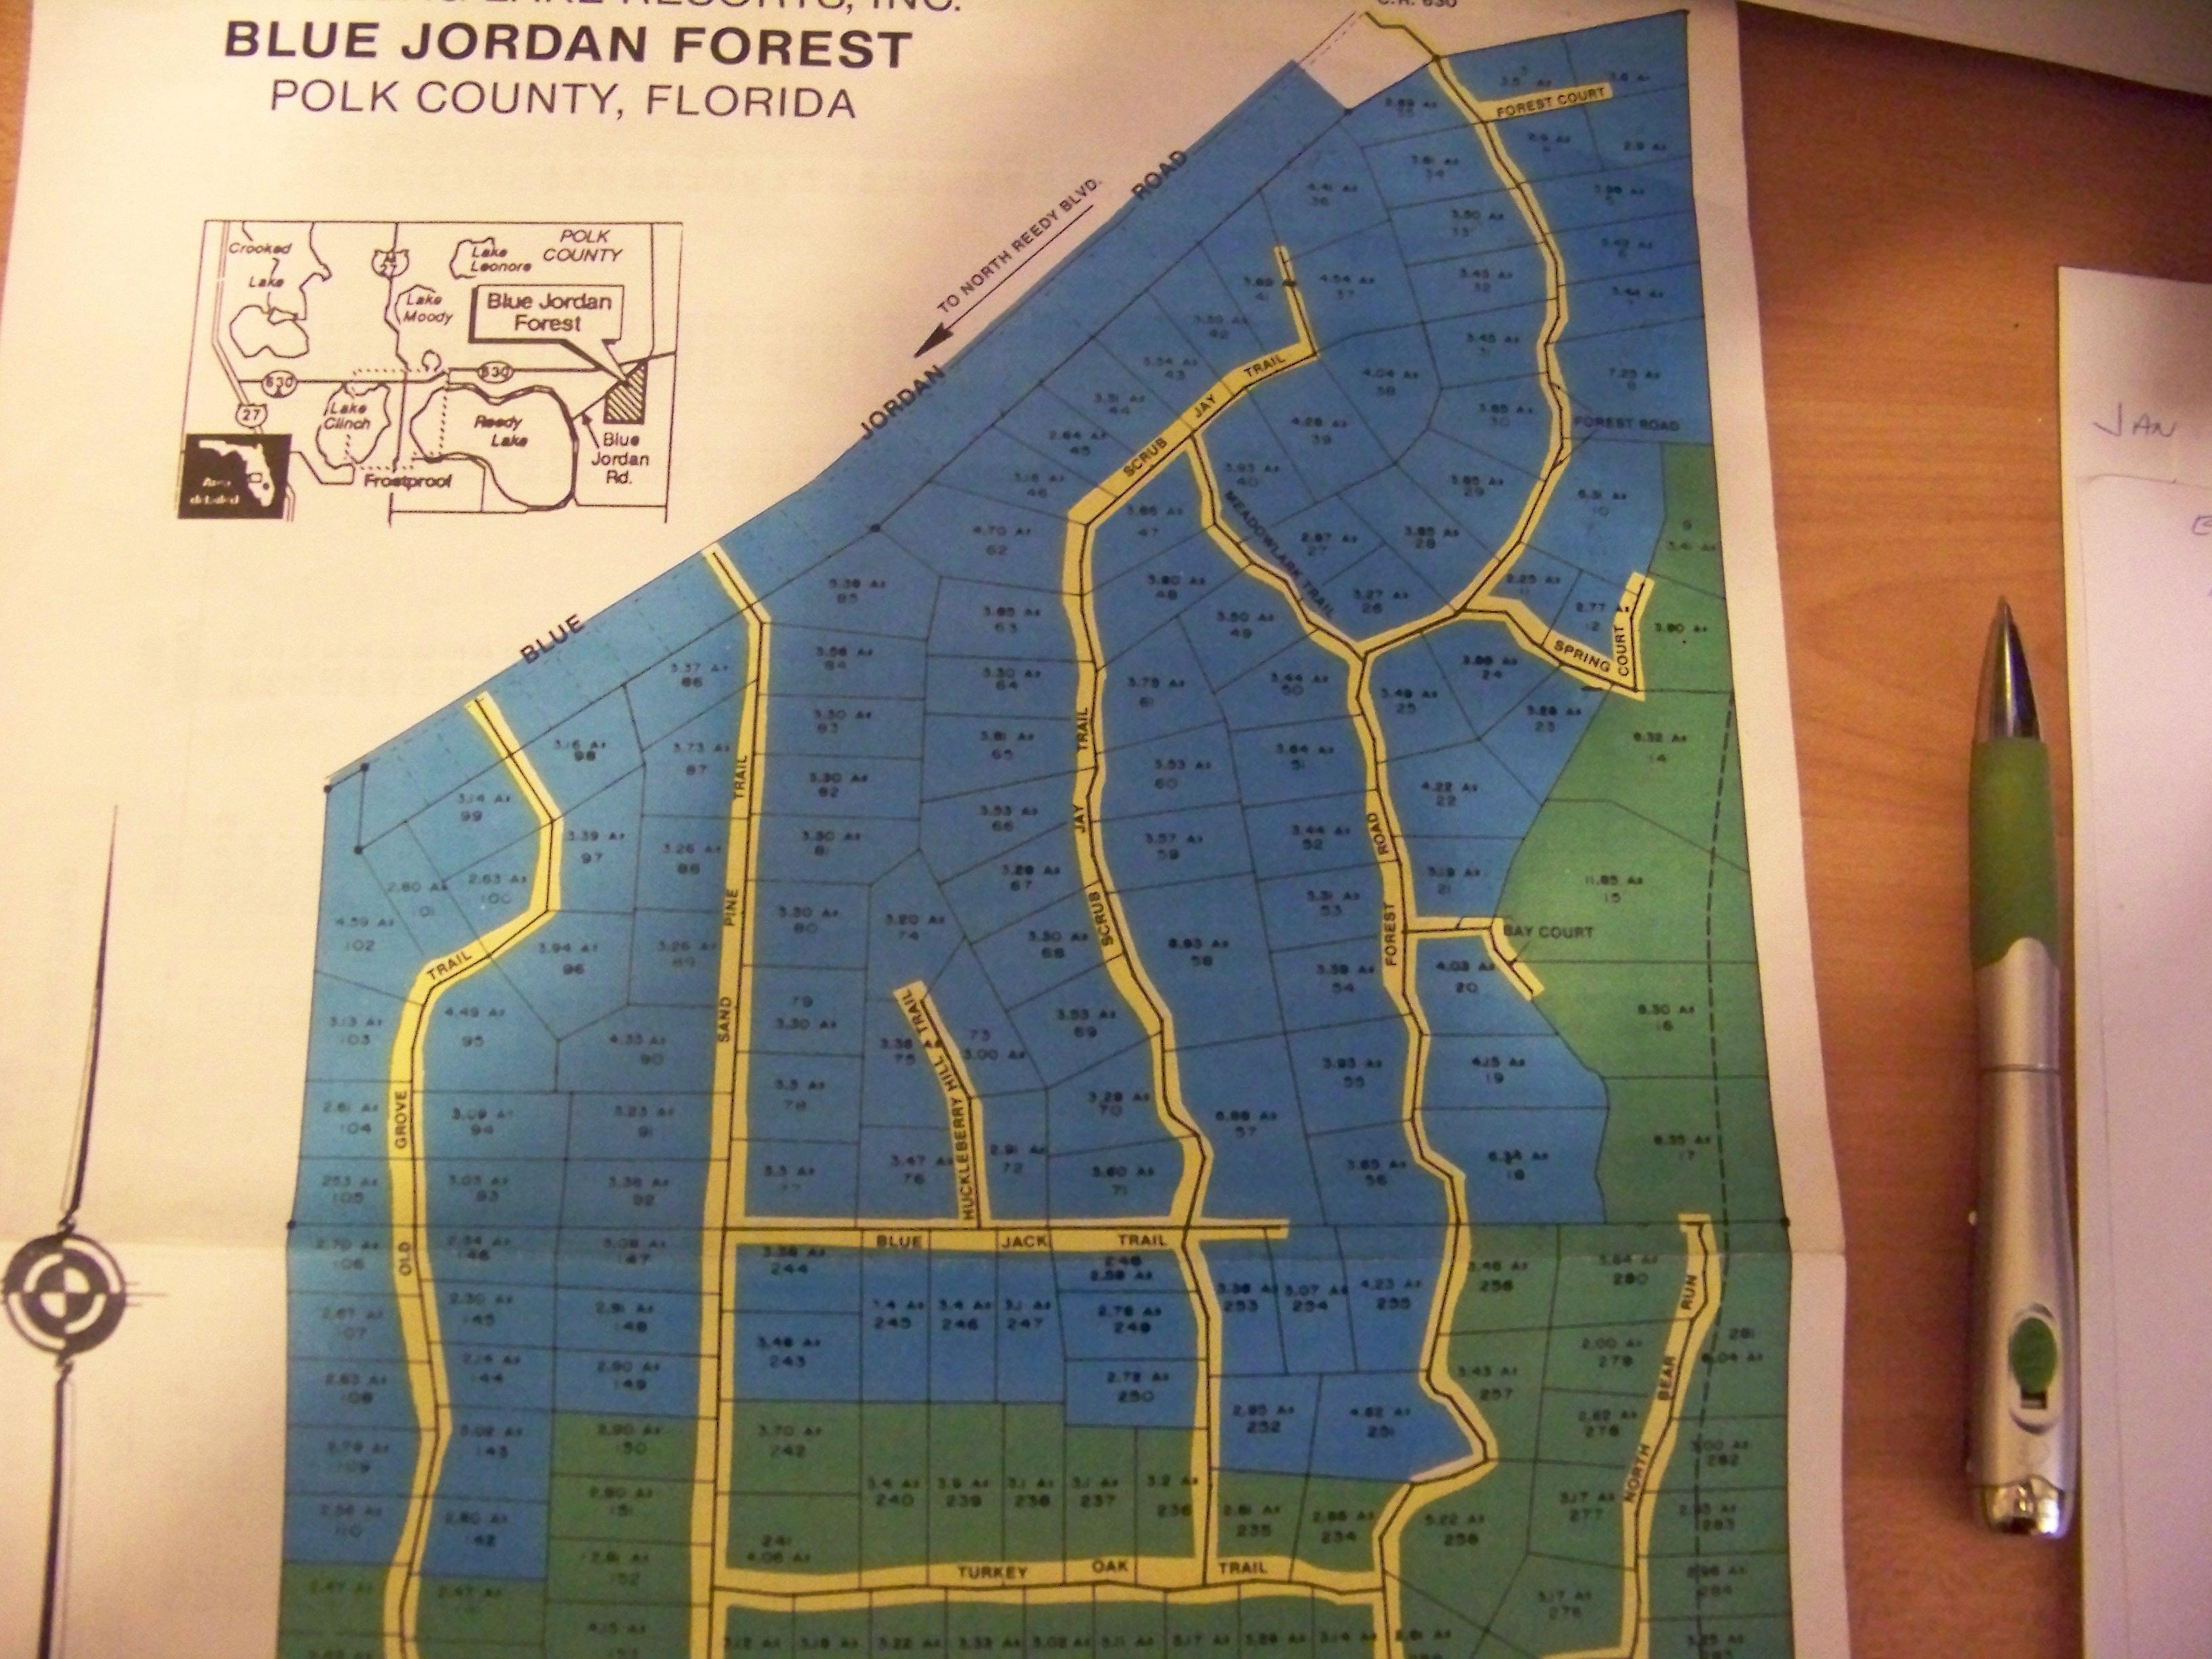 Frostproof Florida Map.Blue Jordan Forest Blue Jordan Forest Real Estate The Centre For